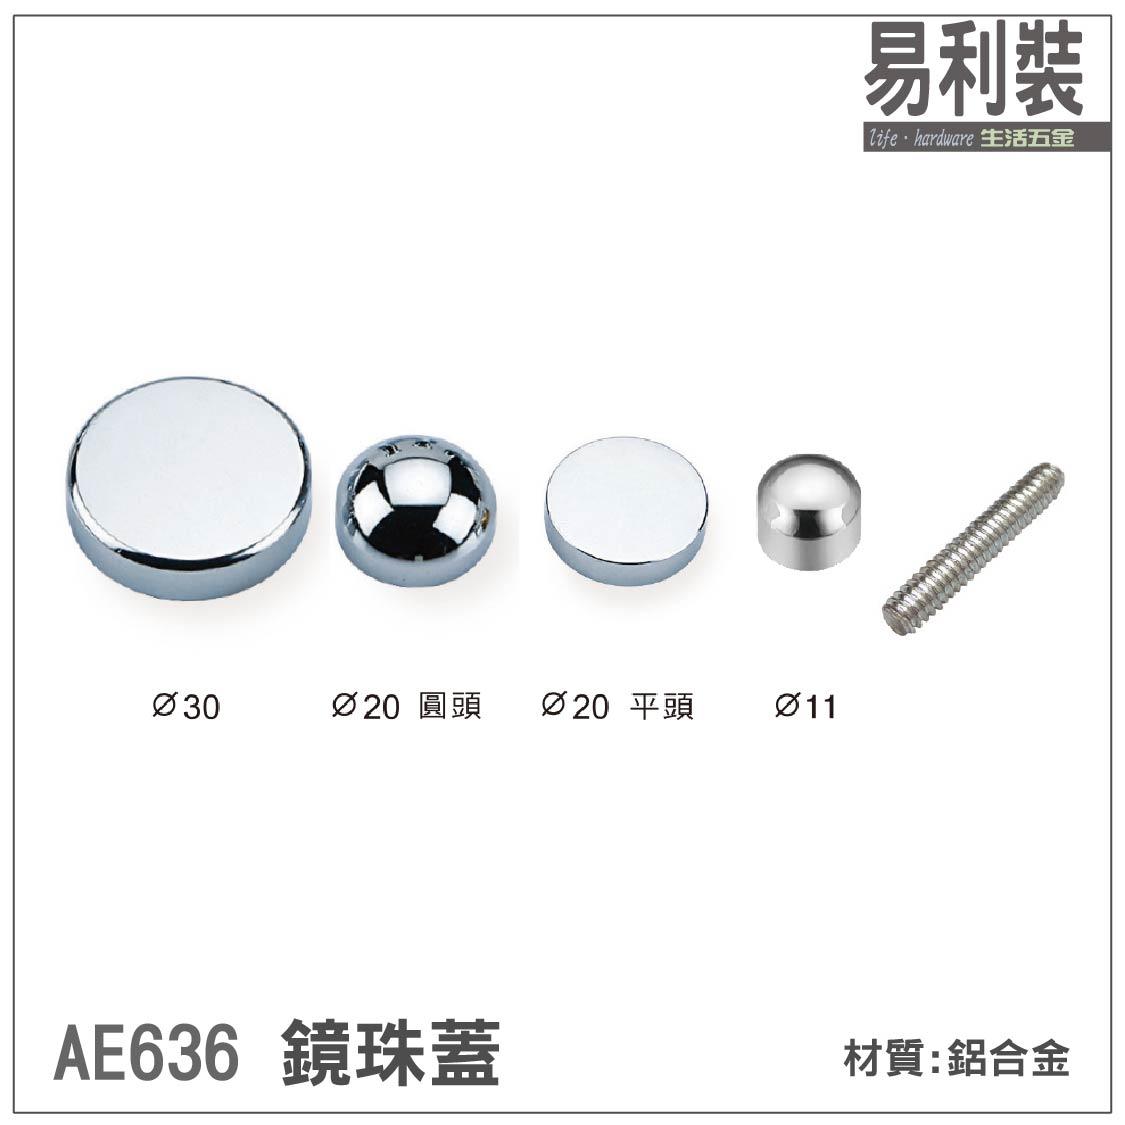 【 EASYCAN  】AE636 鏡珠蓋 易利裝生活五金 修飾 廣告 文宣 浴室 廚房 房間 臥房 衣櫃 小資族 辦公家具 系統家具 0